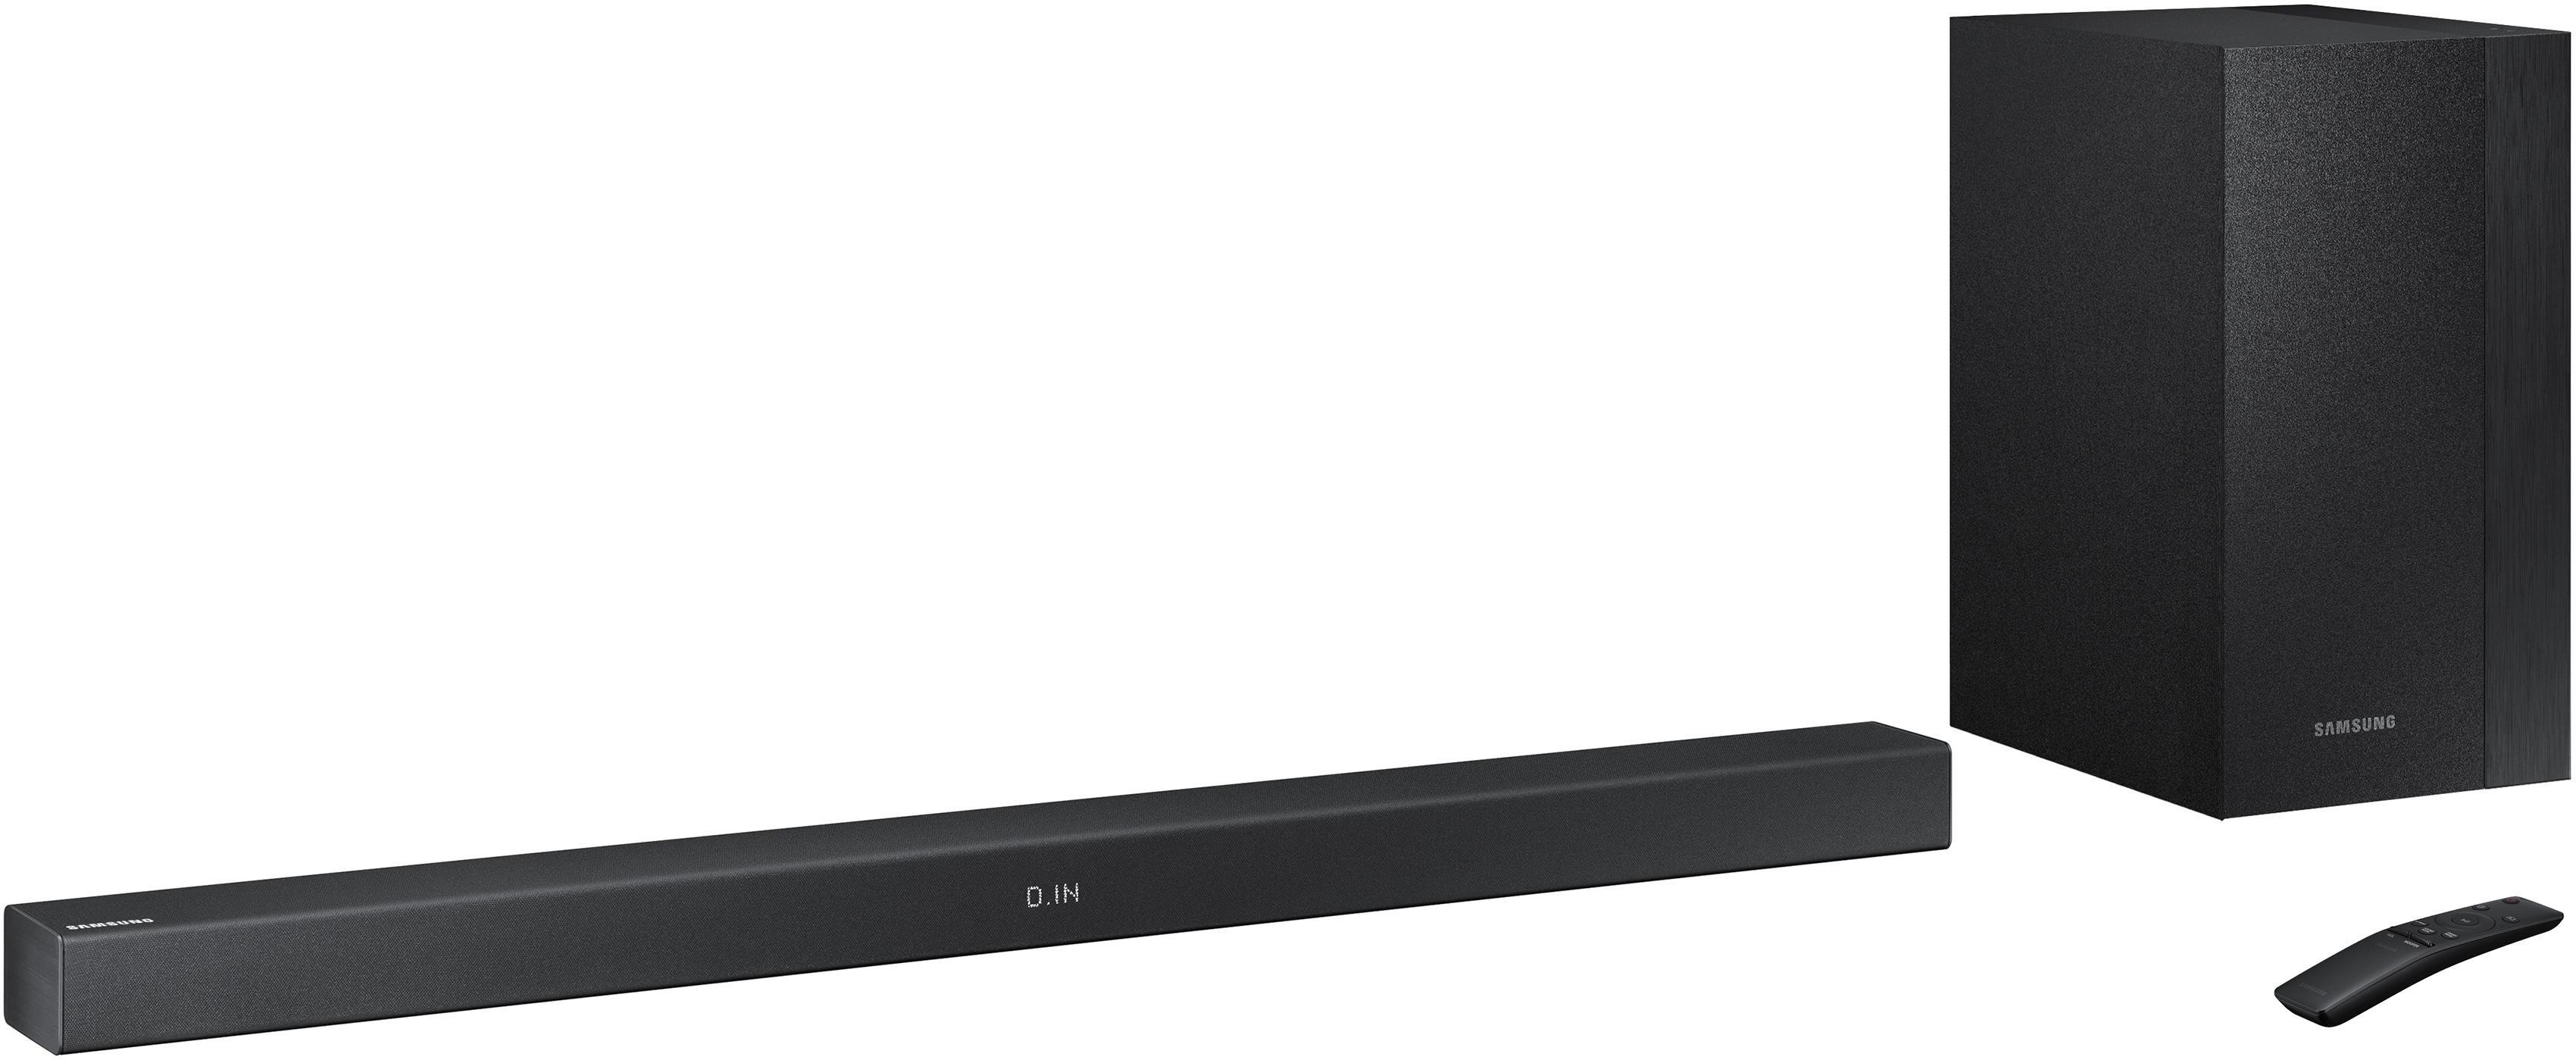 SAMSUNG HW-360/EN soundbar goedkoop op otto.nl kopen